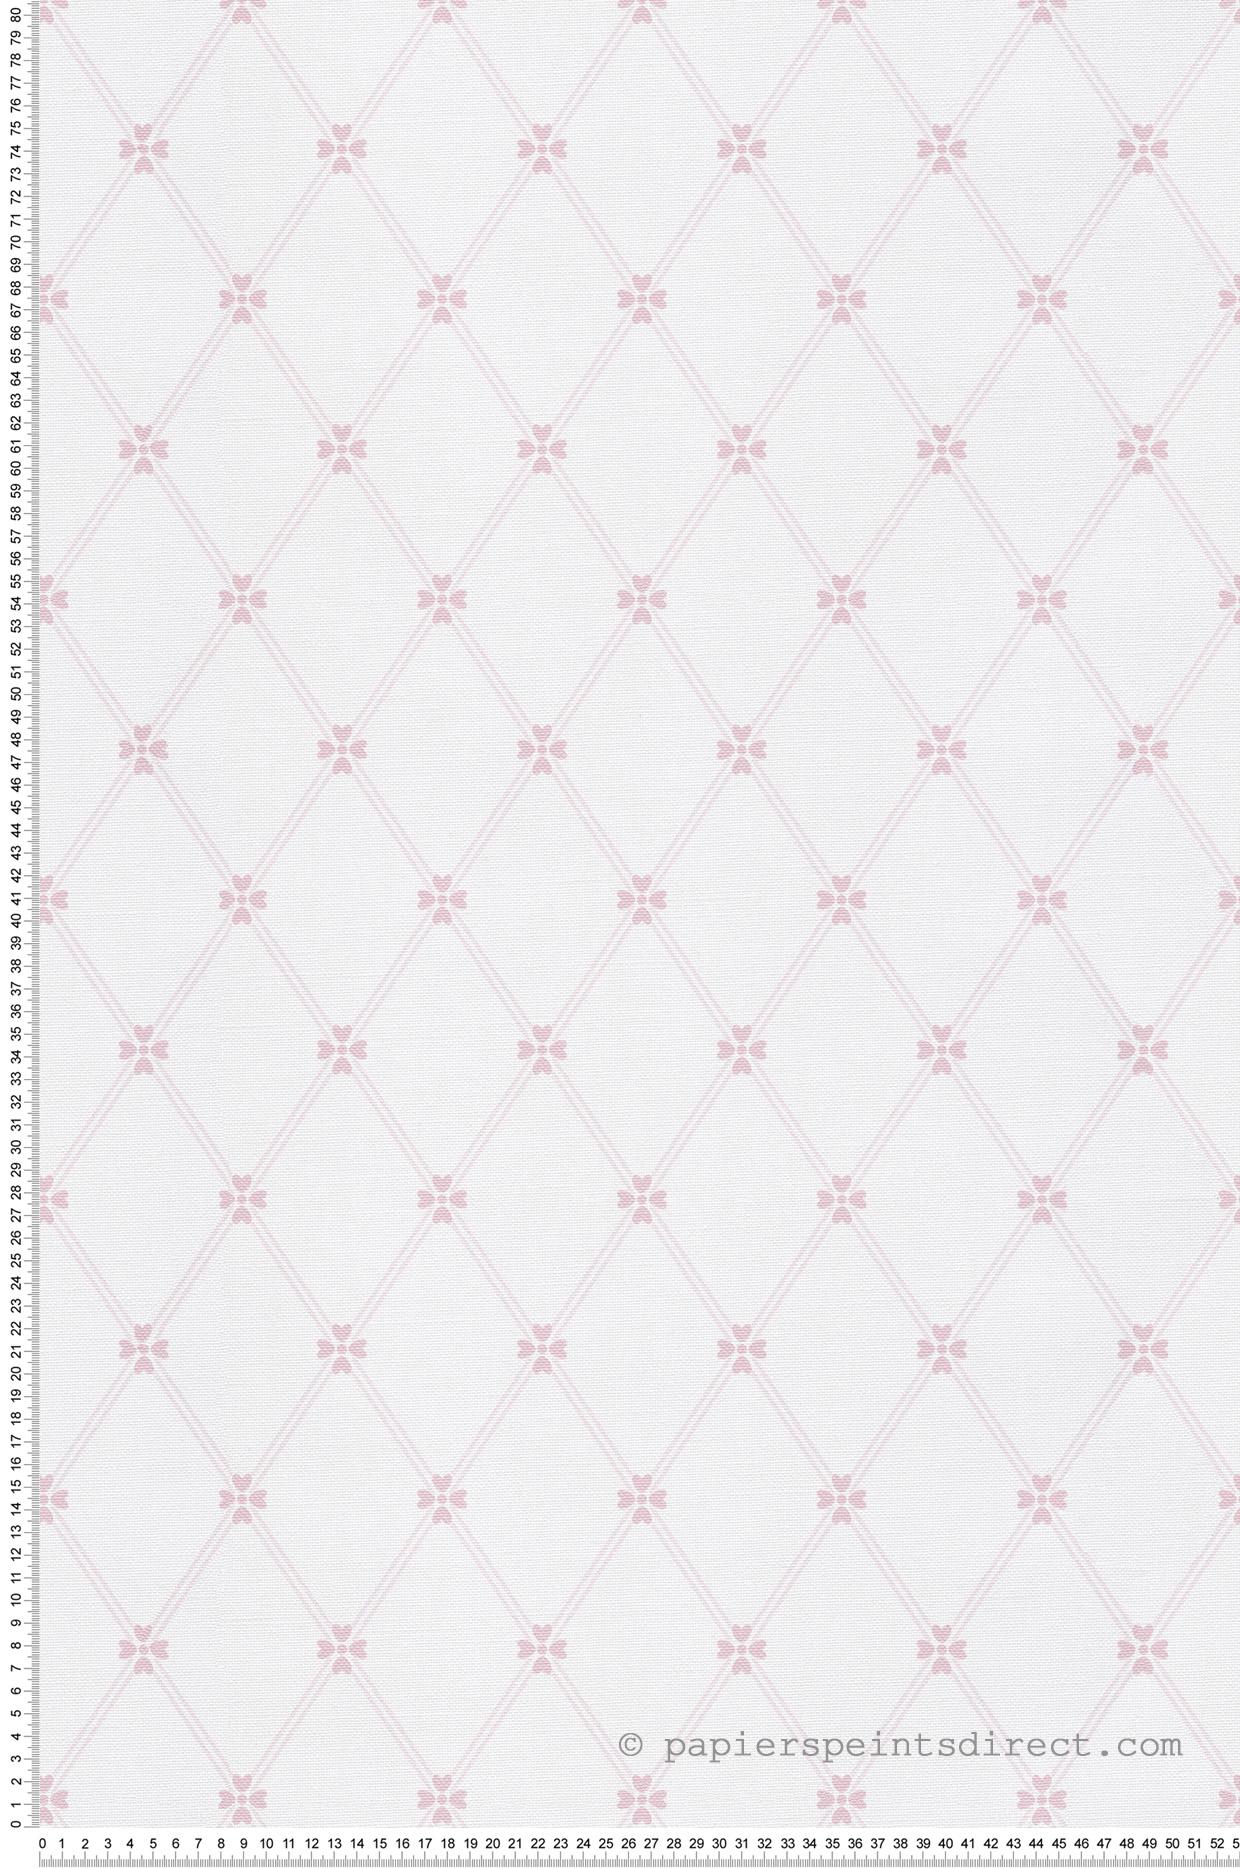 Papier peint enfant Fleurs géométriques rose - Jack N Rose 2 de Montecolino   Réf. MC-LL3305